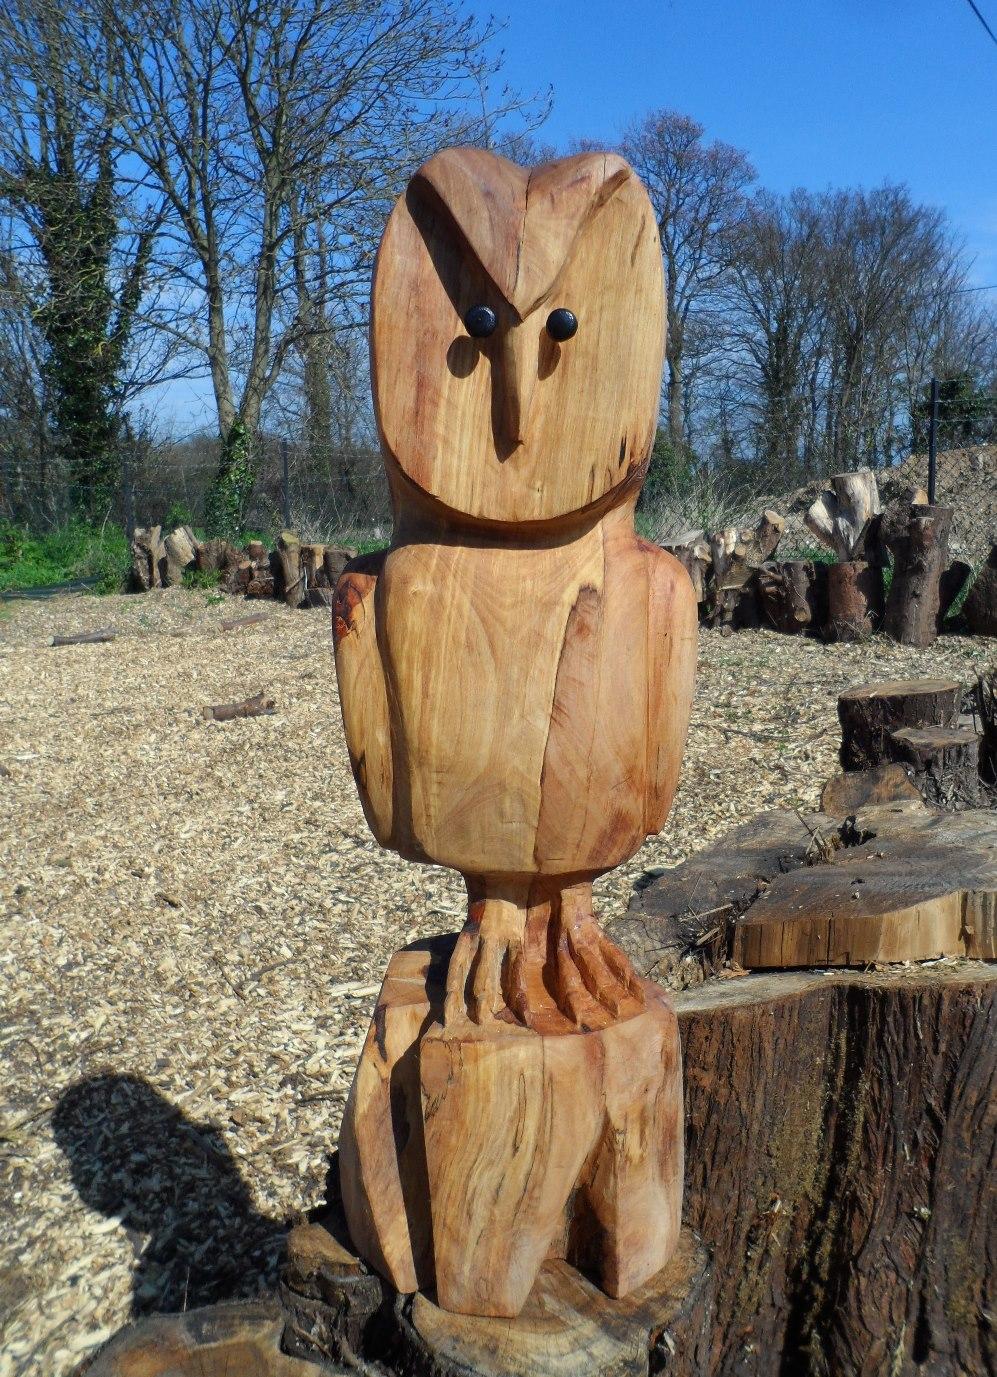 033 20130424 Barn Owl Smll (2).JPG